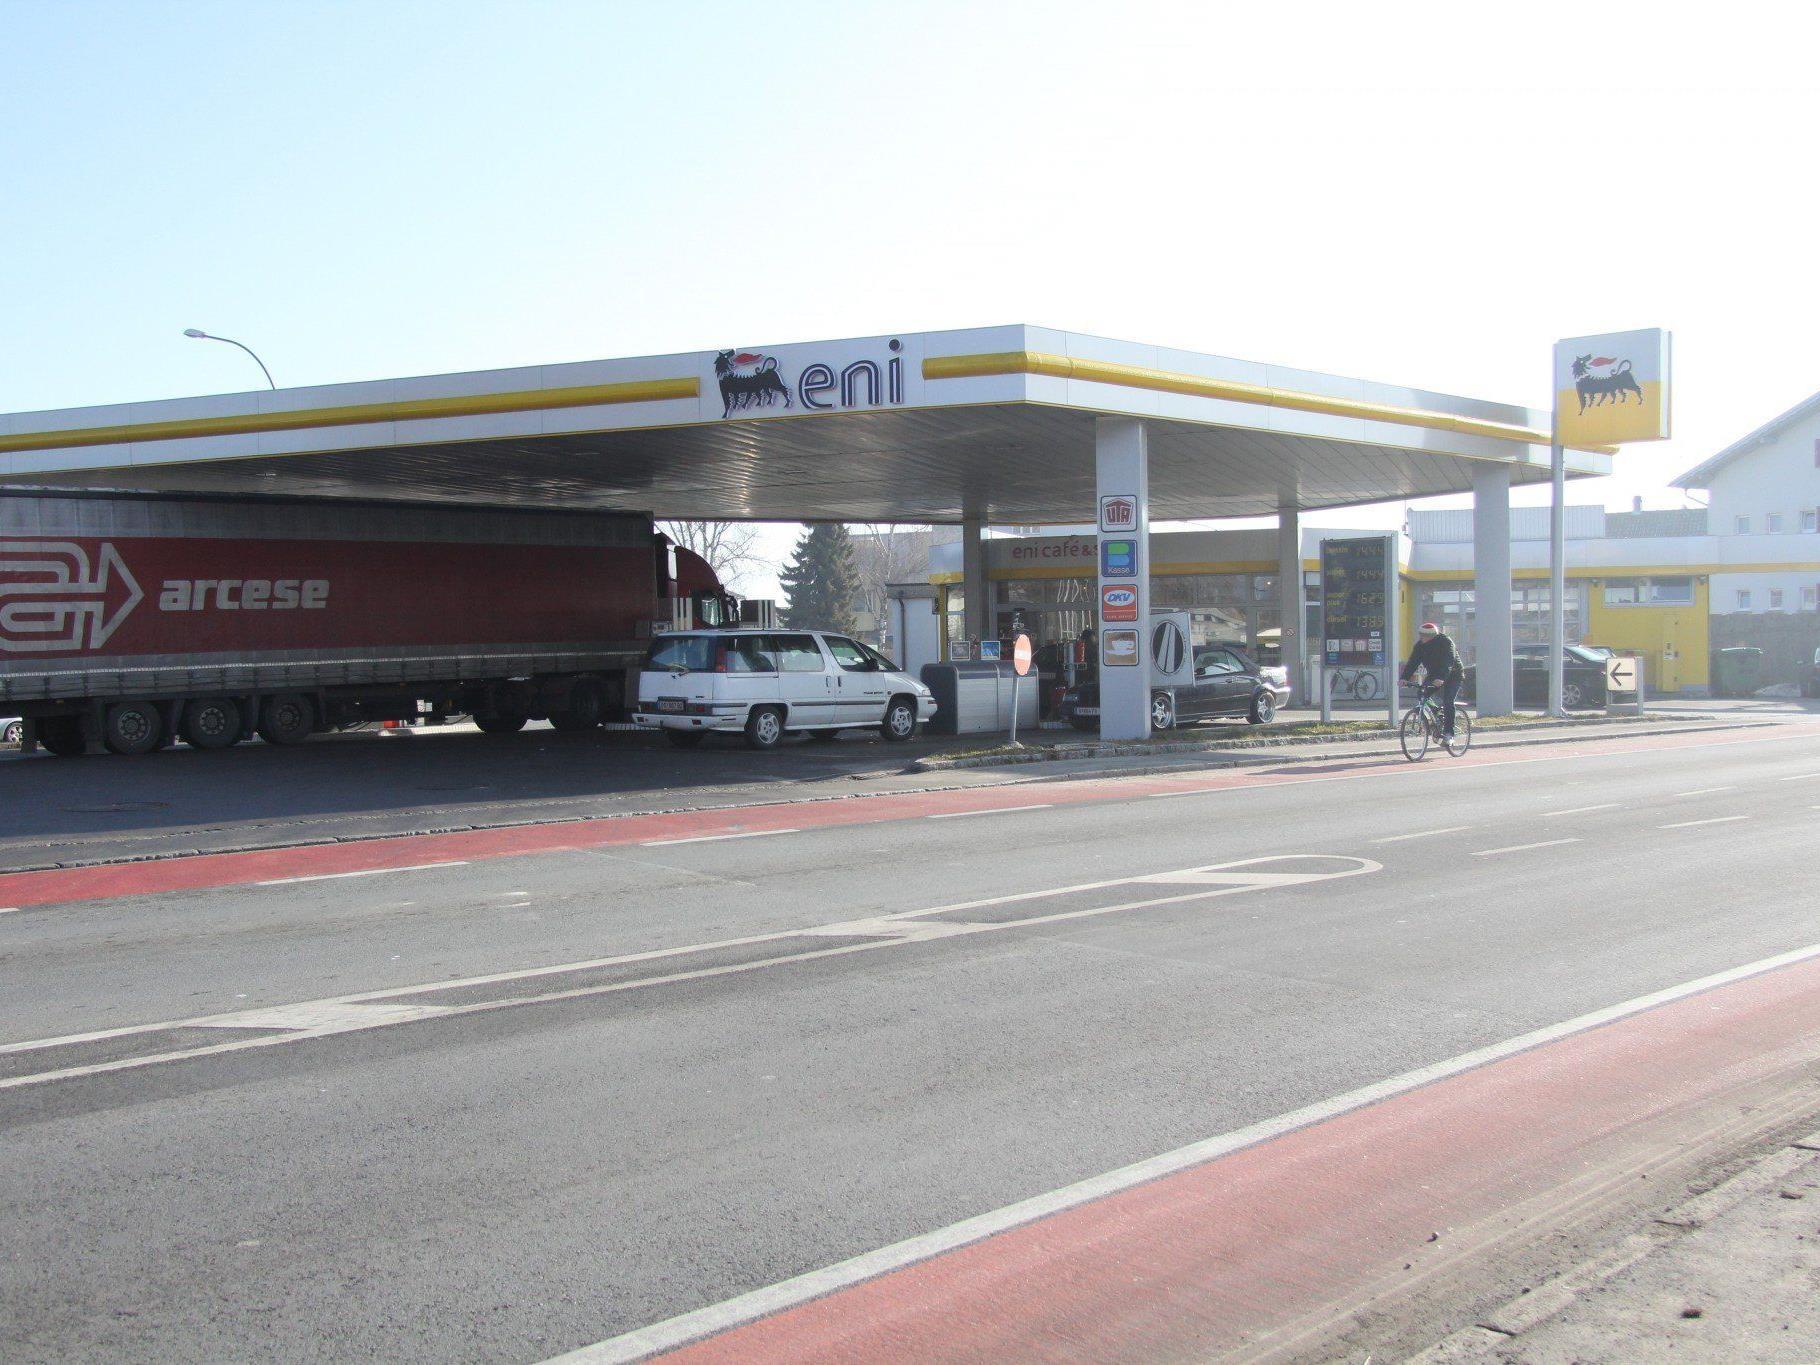 Nach Tankstellenüberfall in Lustenau umgehend eingeleitete Alarmfahndung blieb ohne Erfolg.